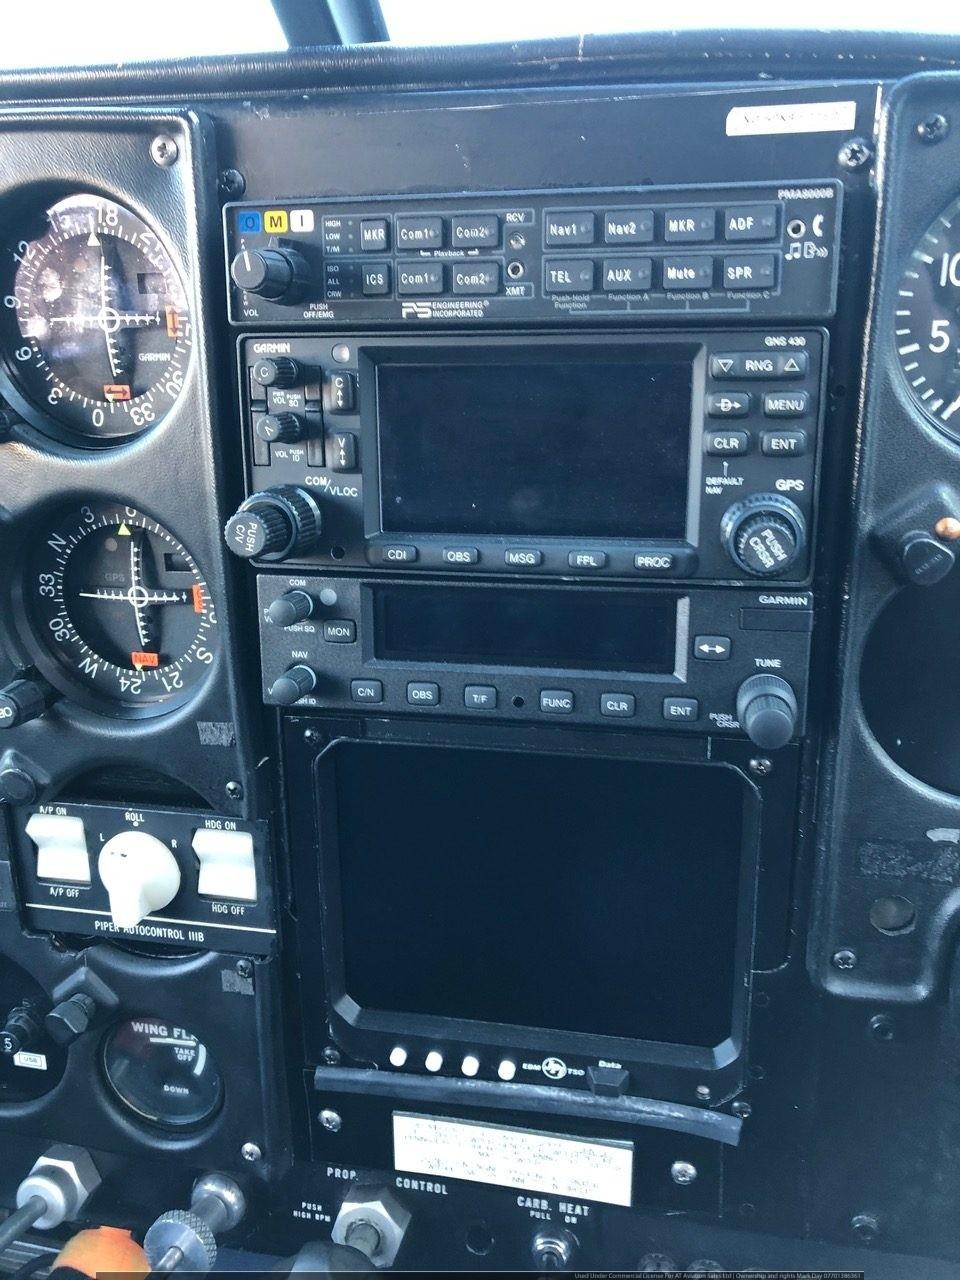 Piper PA-24 250 Comanche